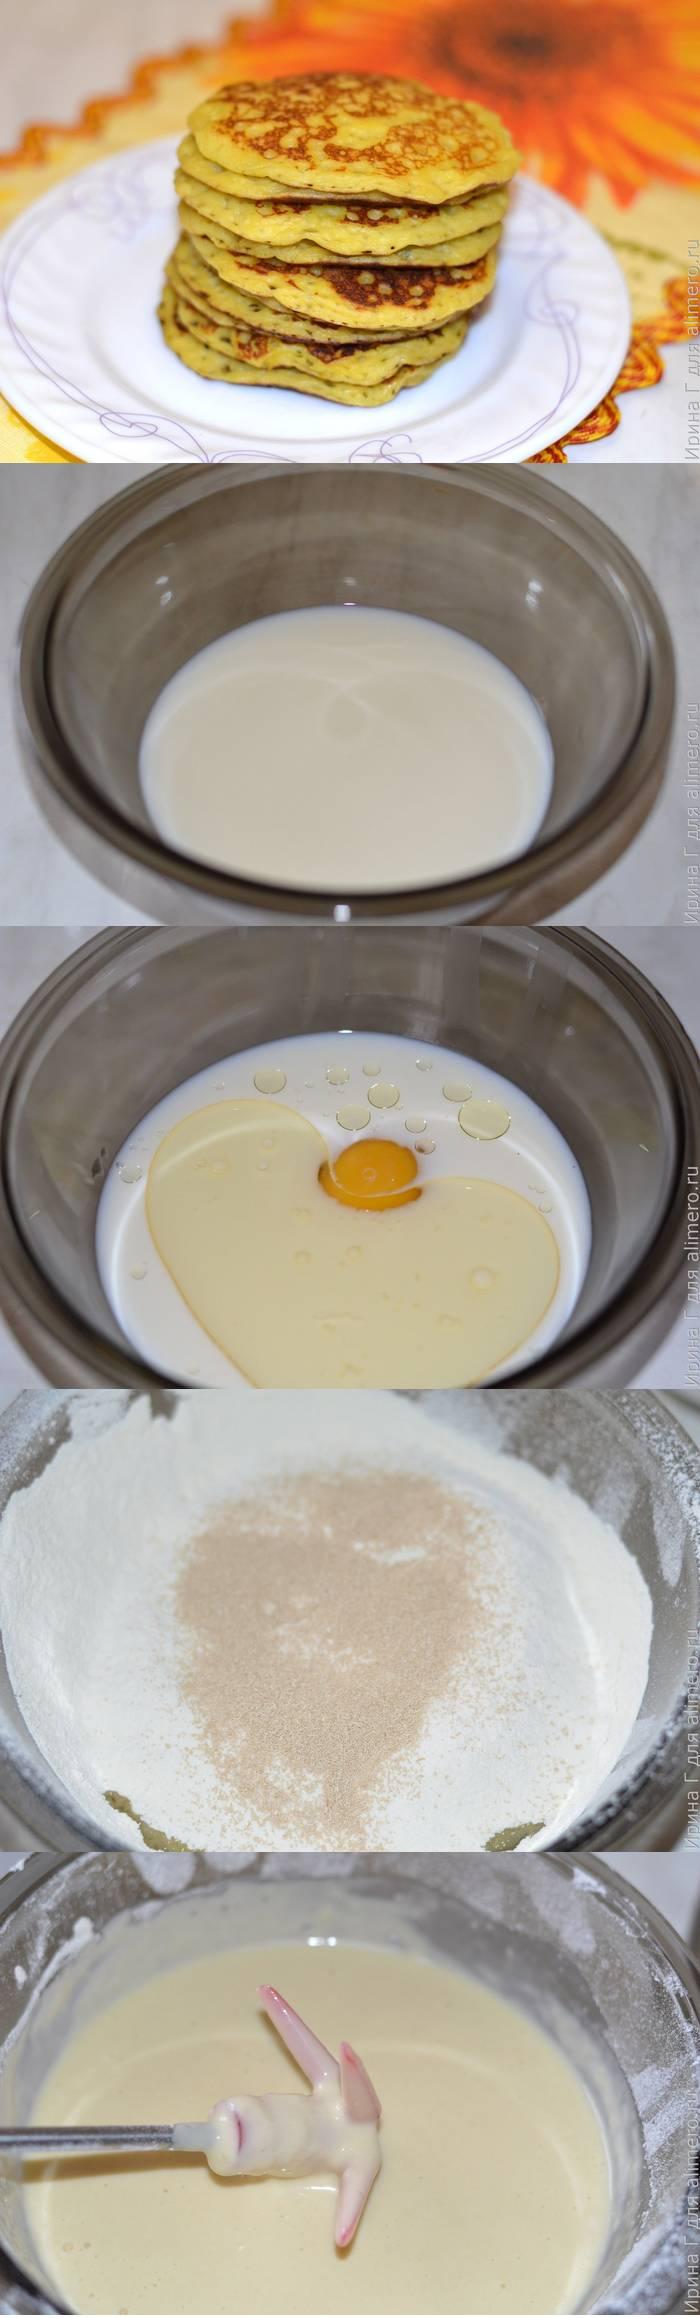 Рецепты дрожжевых блинчиков пошагово